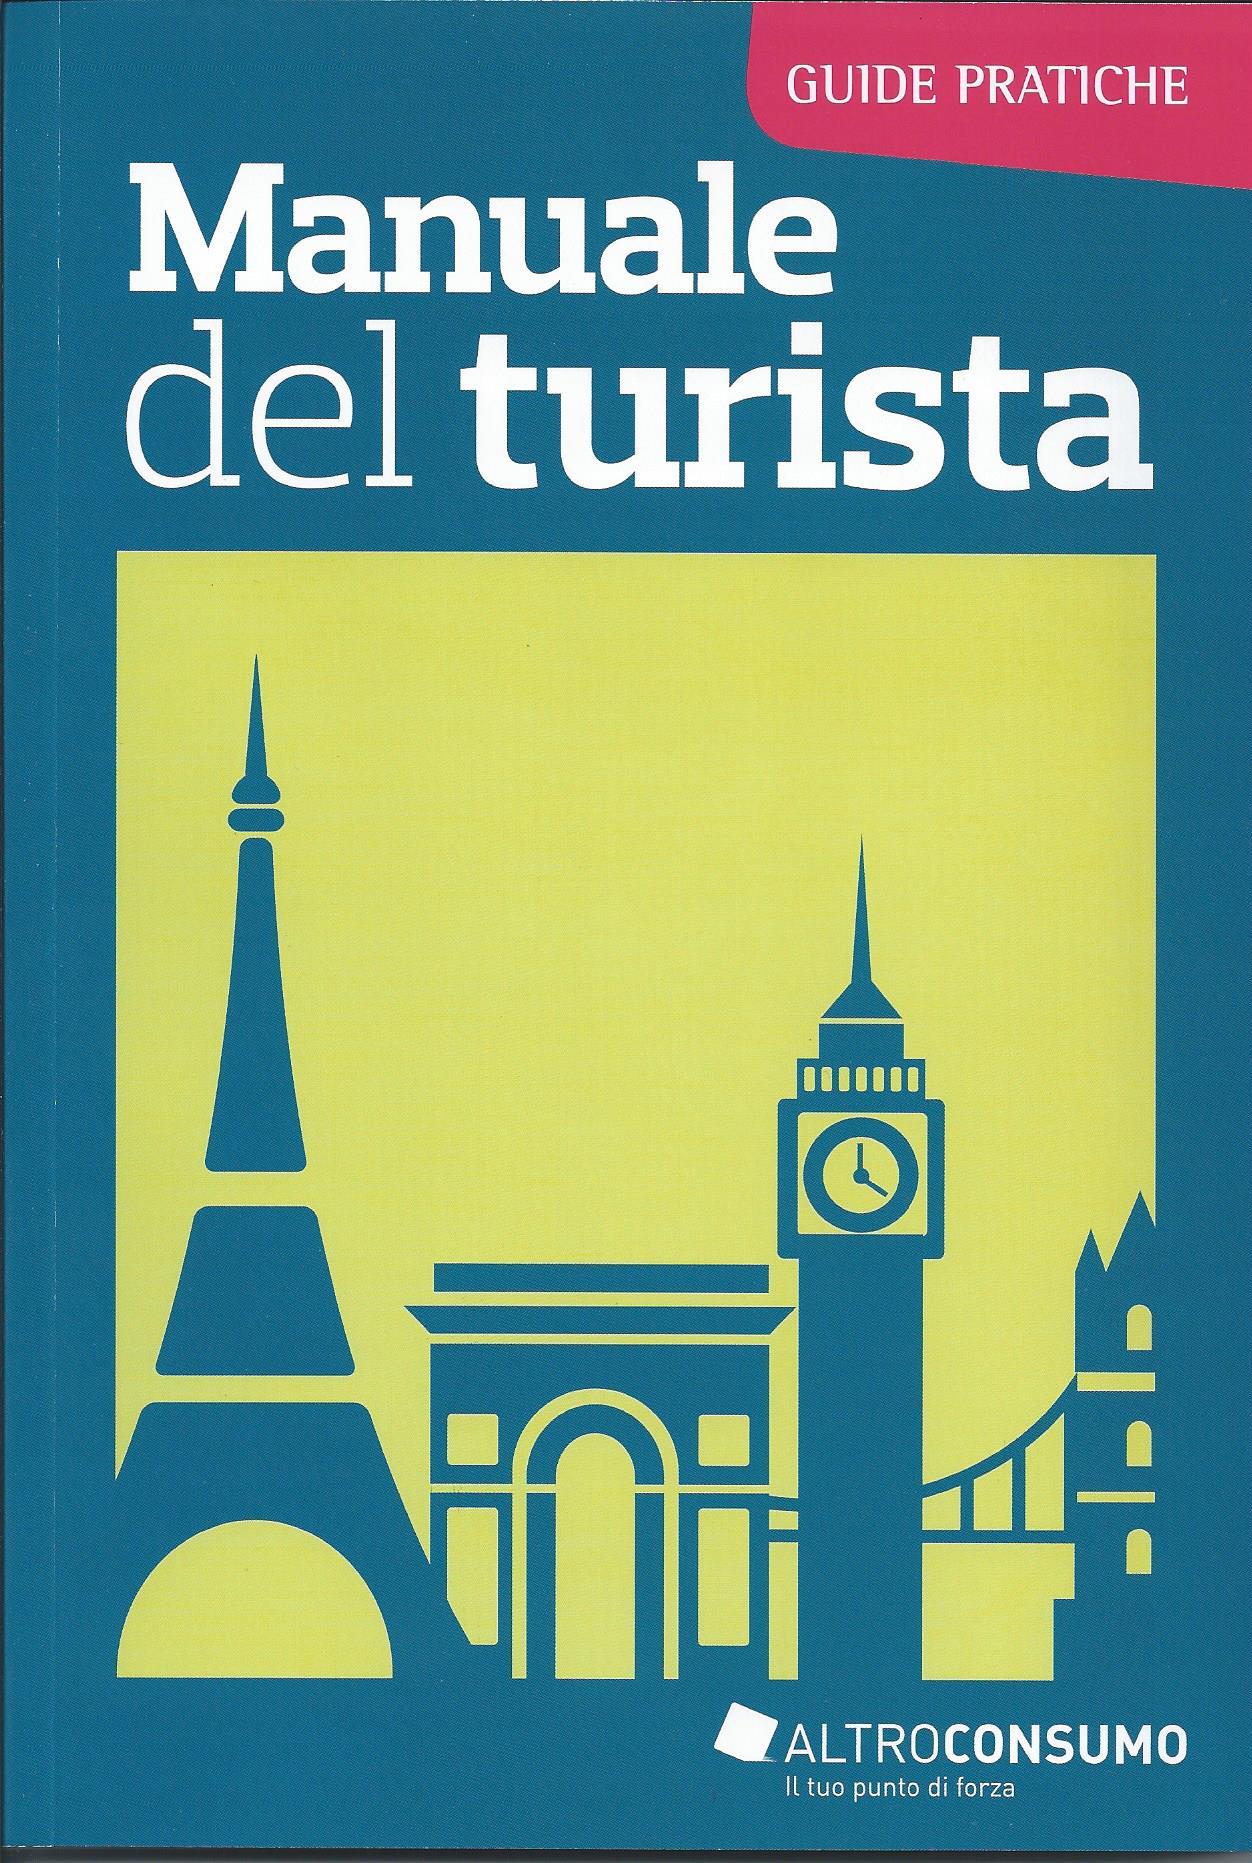 Manuale del turista